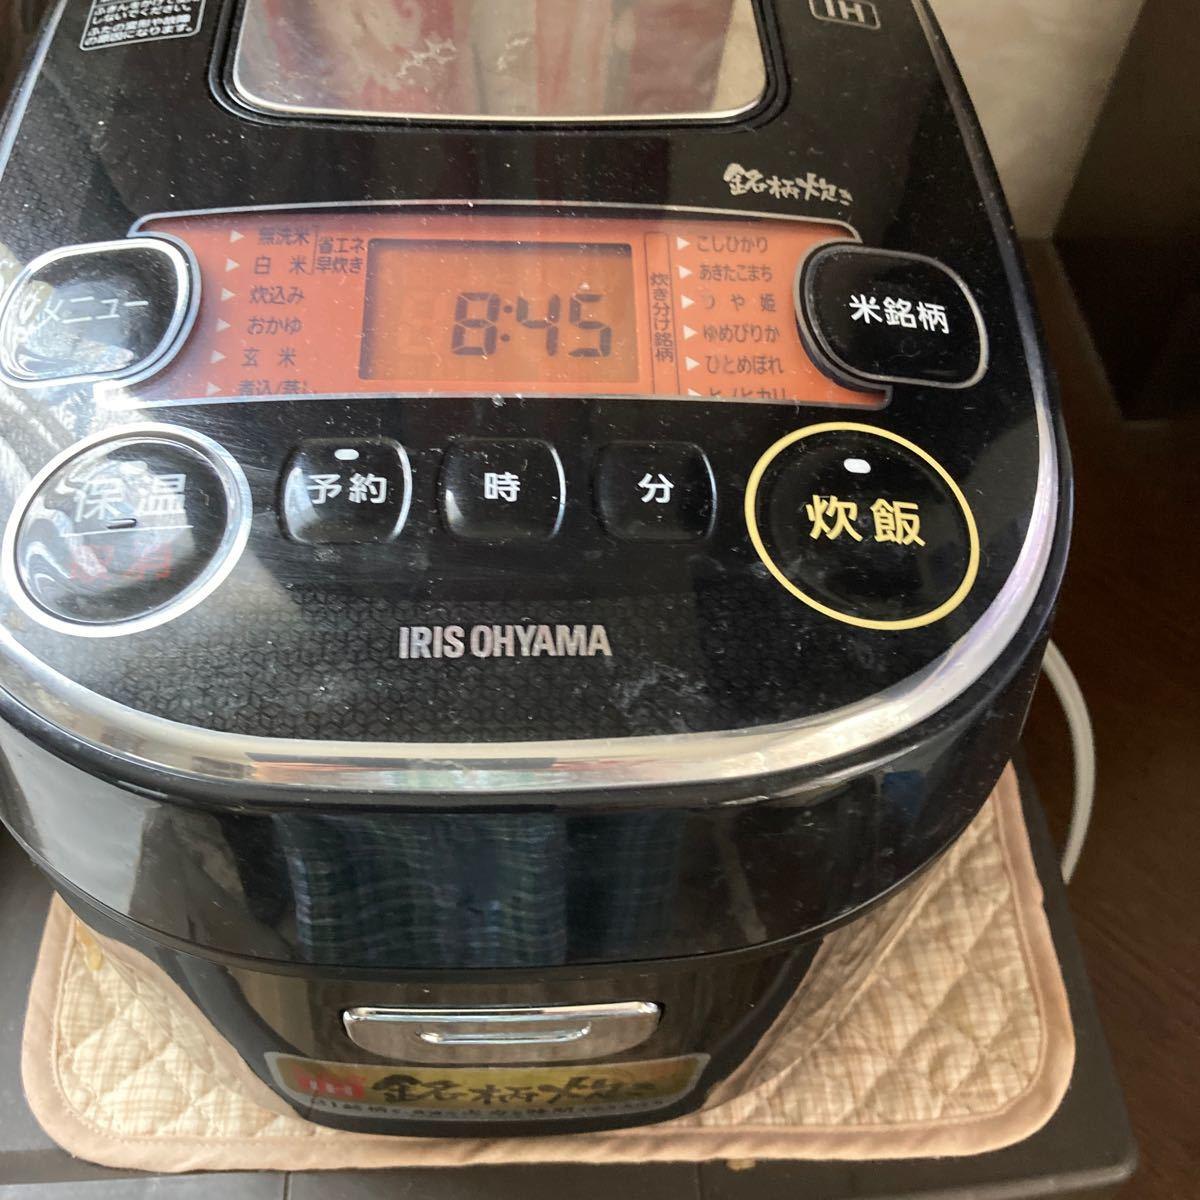 炊飯器 3合 IH 一人暮らし 安い 銘柄炊き 炊飯ジャー ジャー炊飯器 アイリスオーヤマ